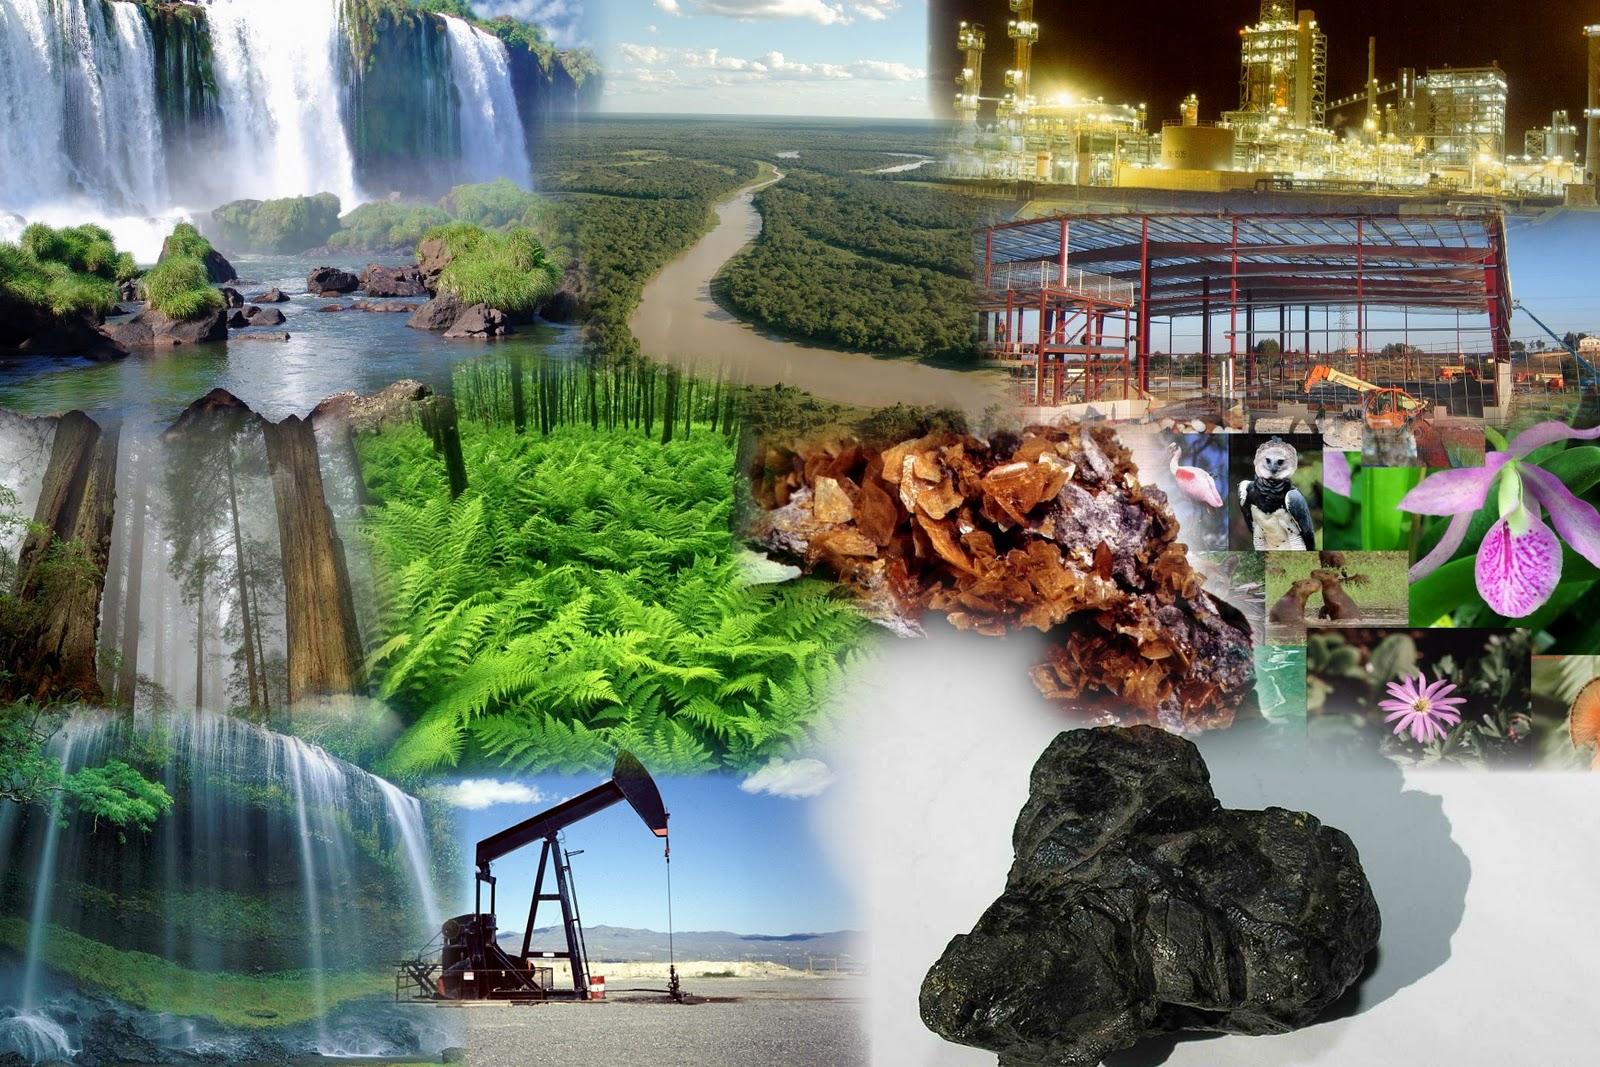 Recursos Naturales. Los recursos naturales son aquellos bienes que se extraen directamente de la naturaleza y que le sirven al ser humano y a otros seres vivos .